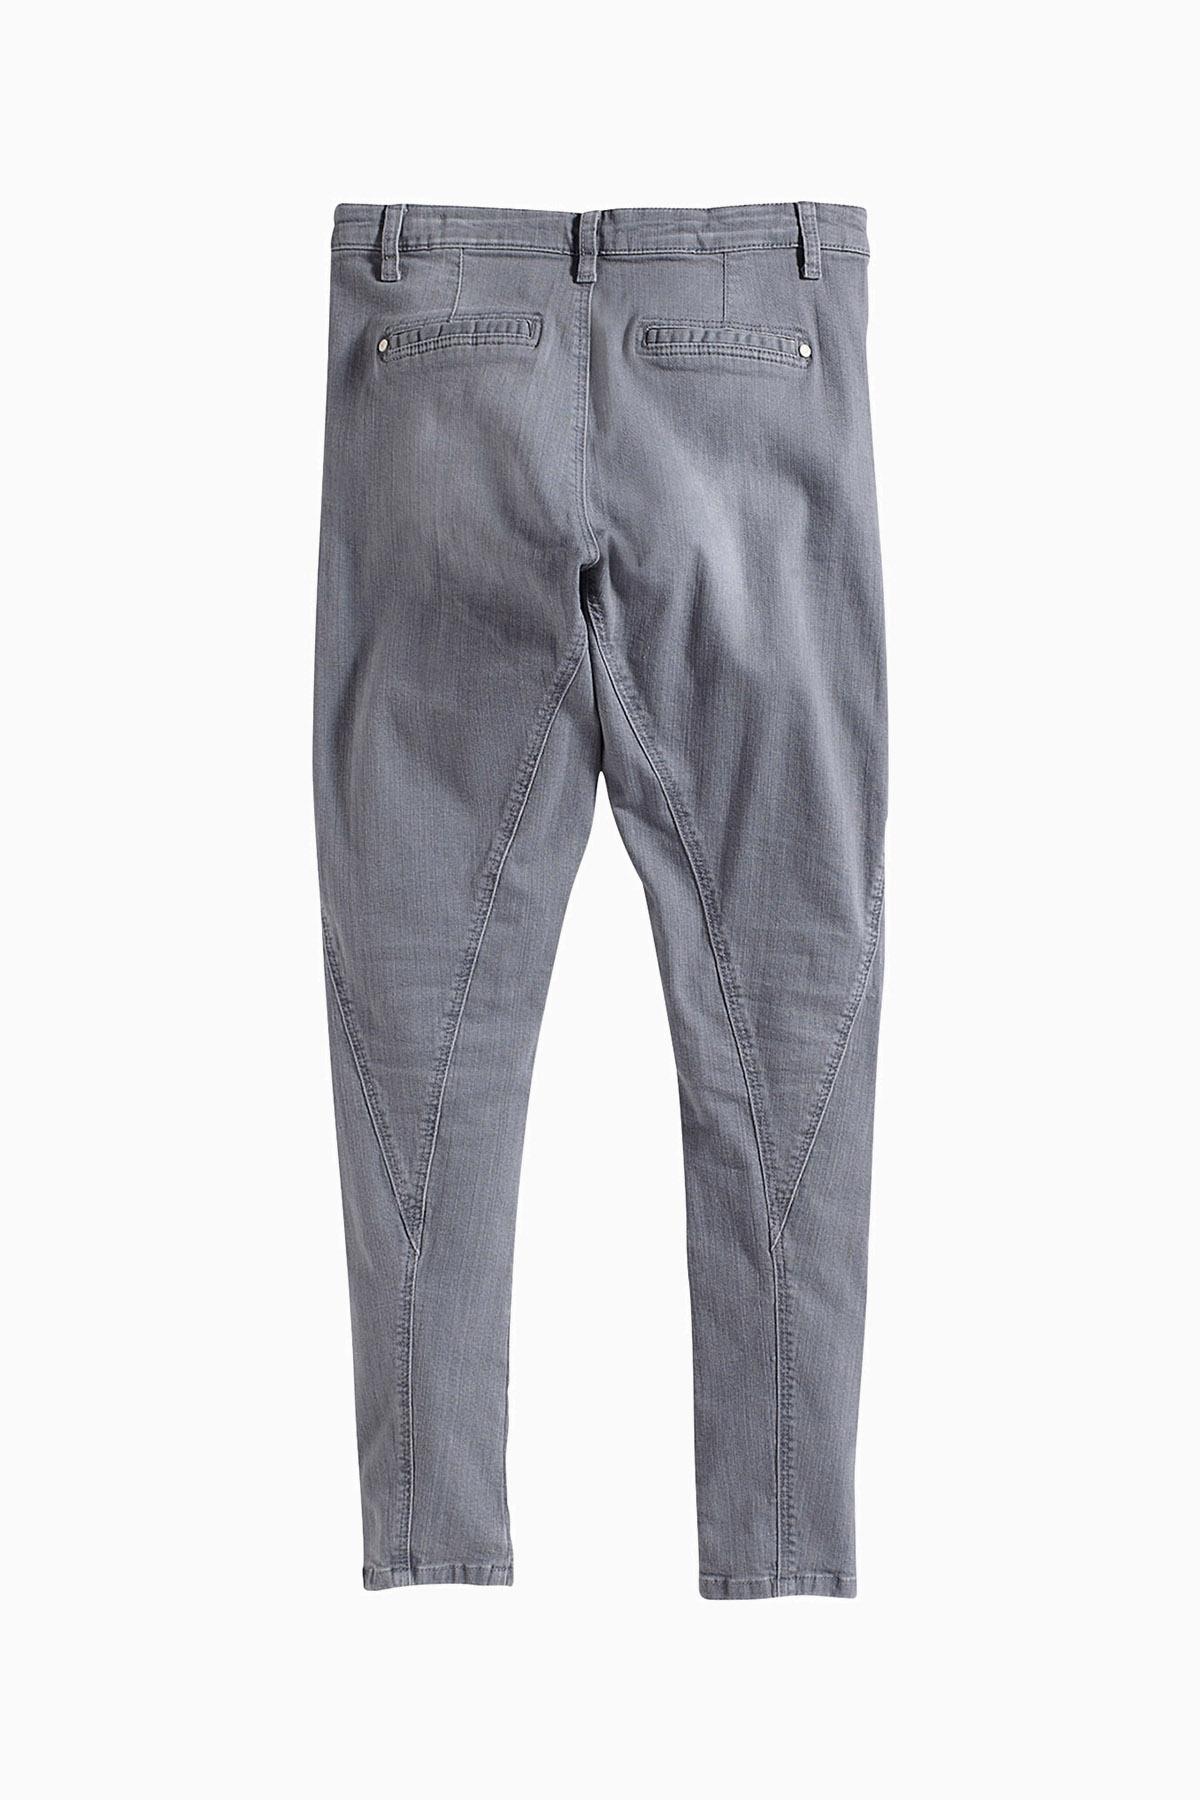 Grau Jeans von Bon'A Parte – Shoppen Sie Grau Jeans ab Gr. 27-34 hier